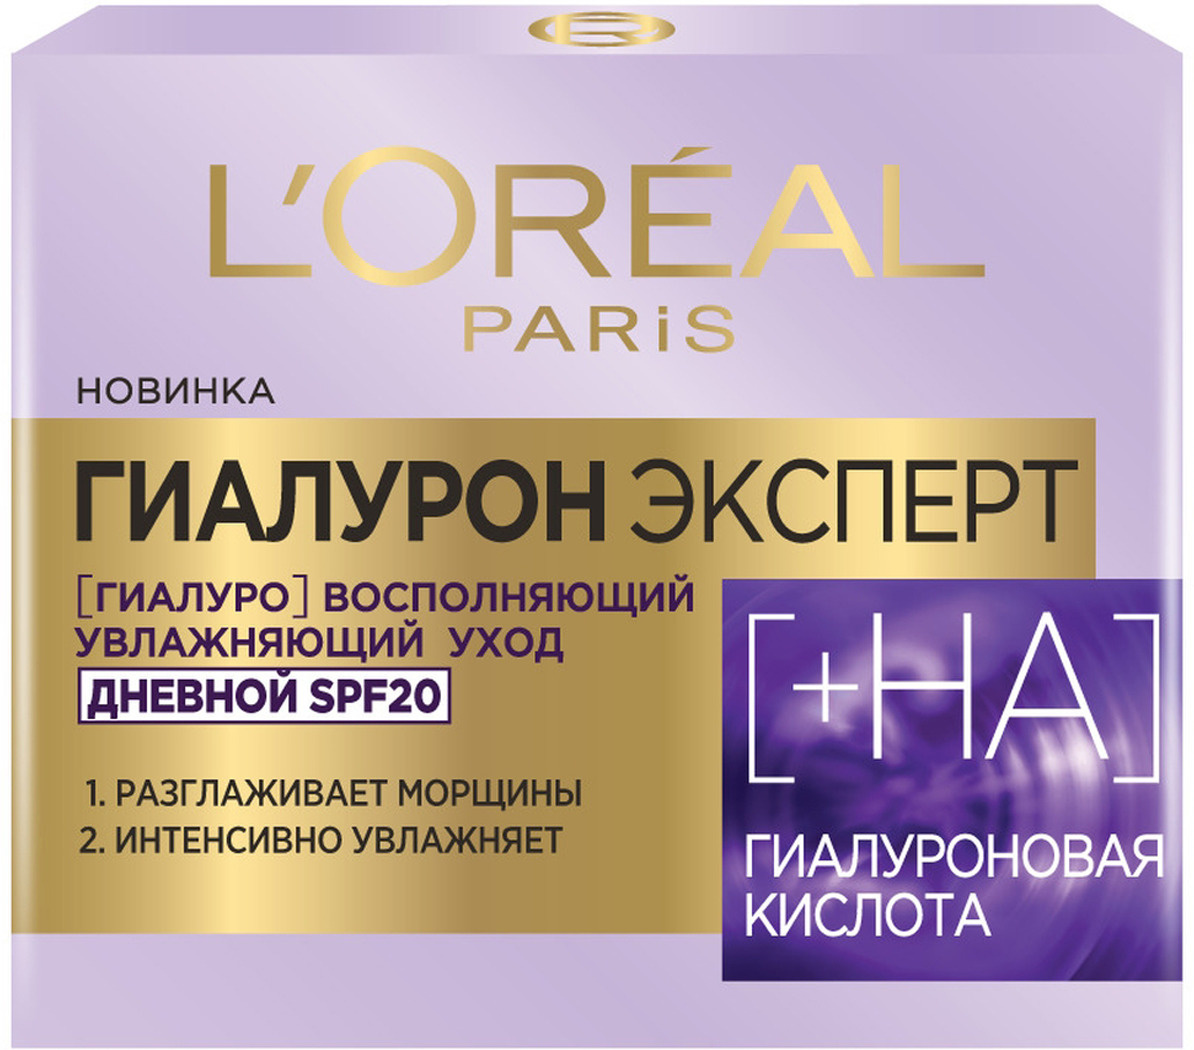 L'Oreal Paris Дневной крем  Гиалурон Эксперт, SPF20, 50 мл #1